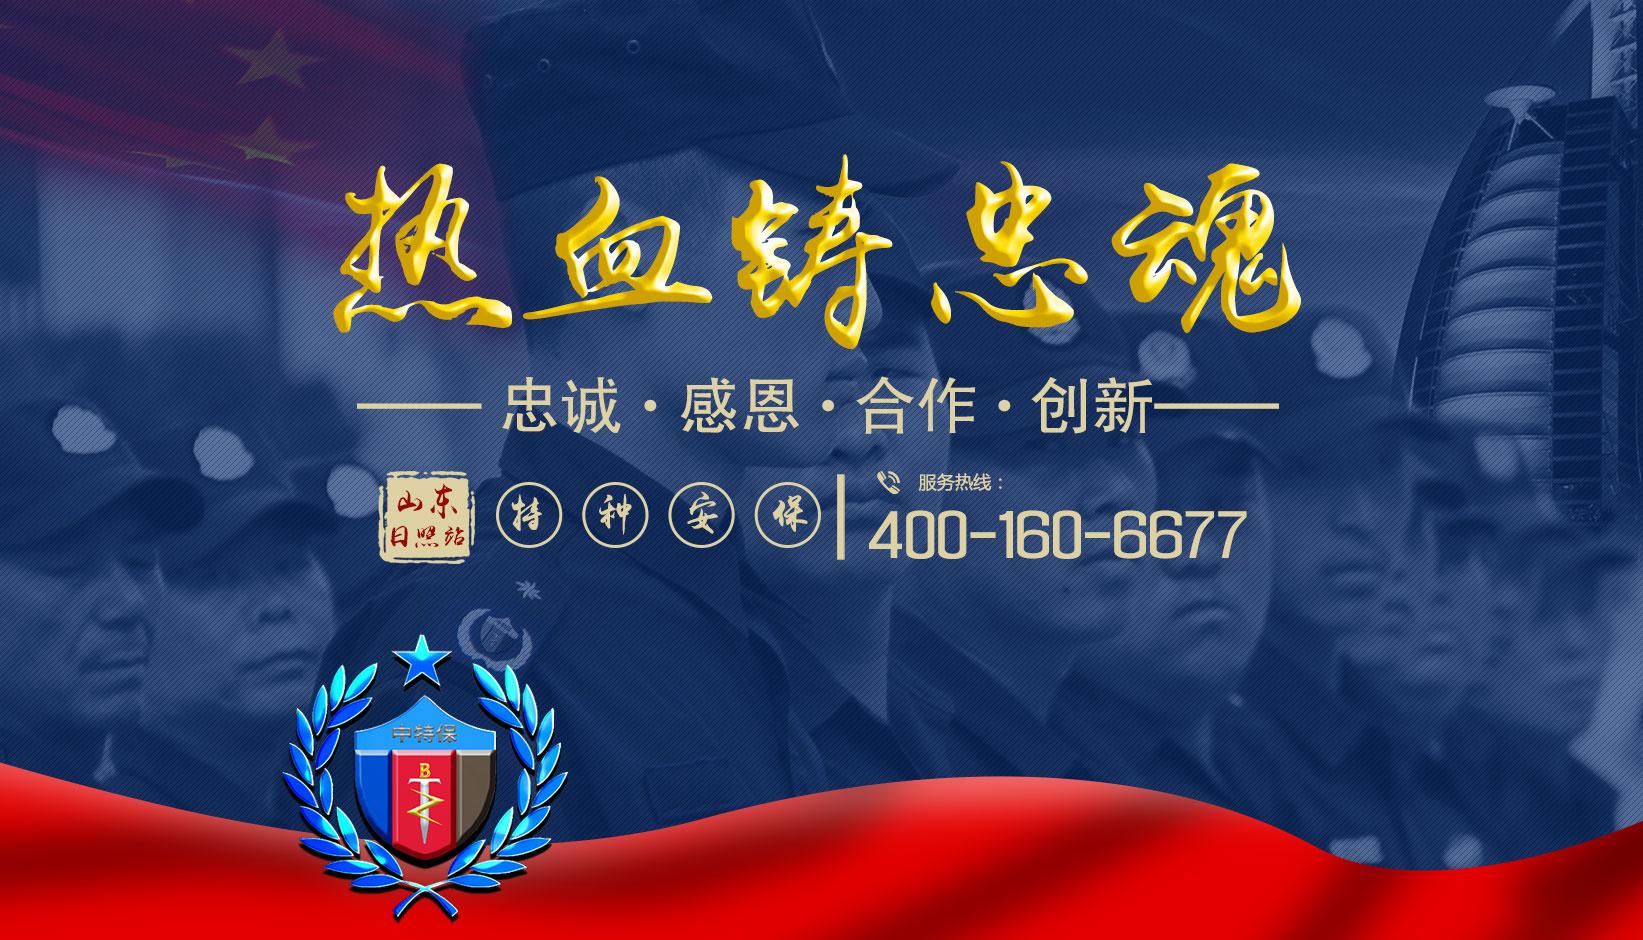 http://www.rzzhongtebao.com/infomation